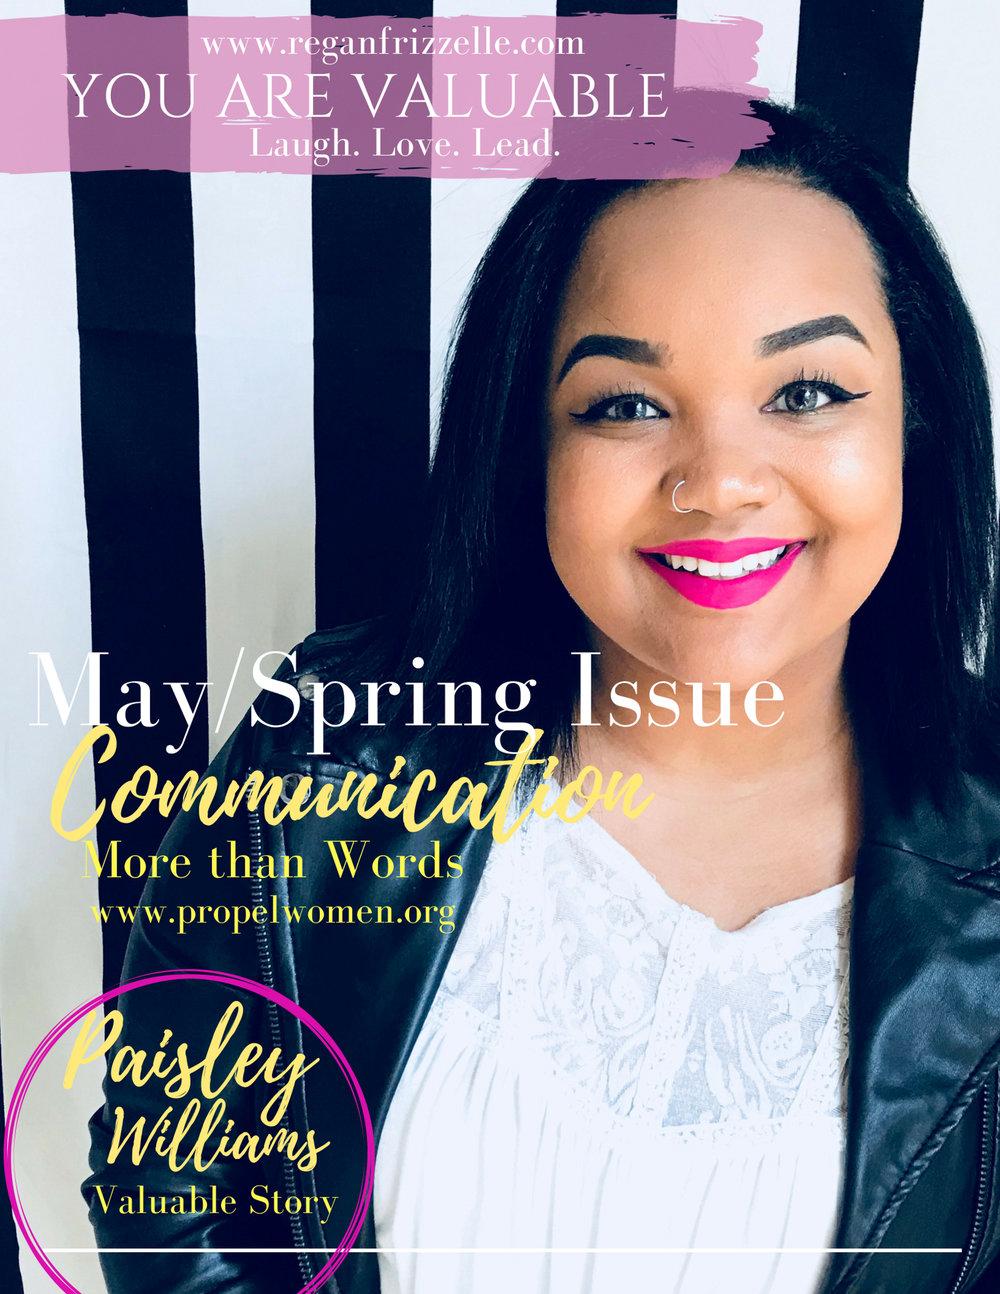 May Valuable Magazine.jpg